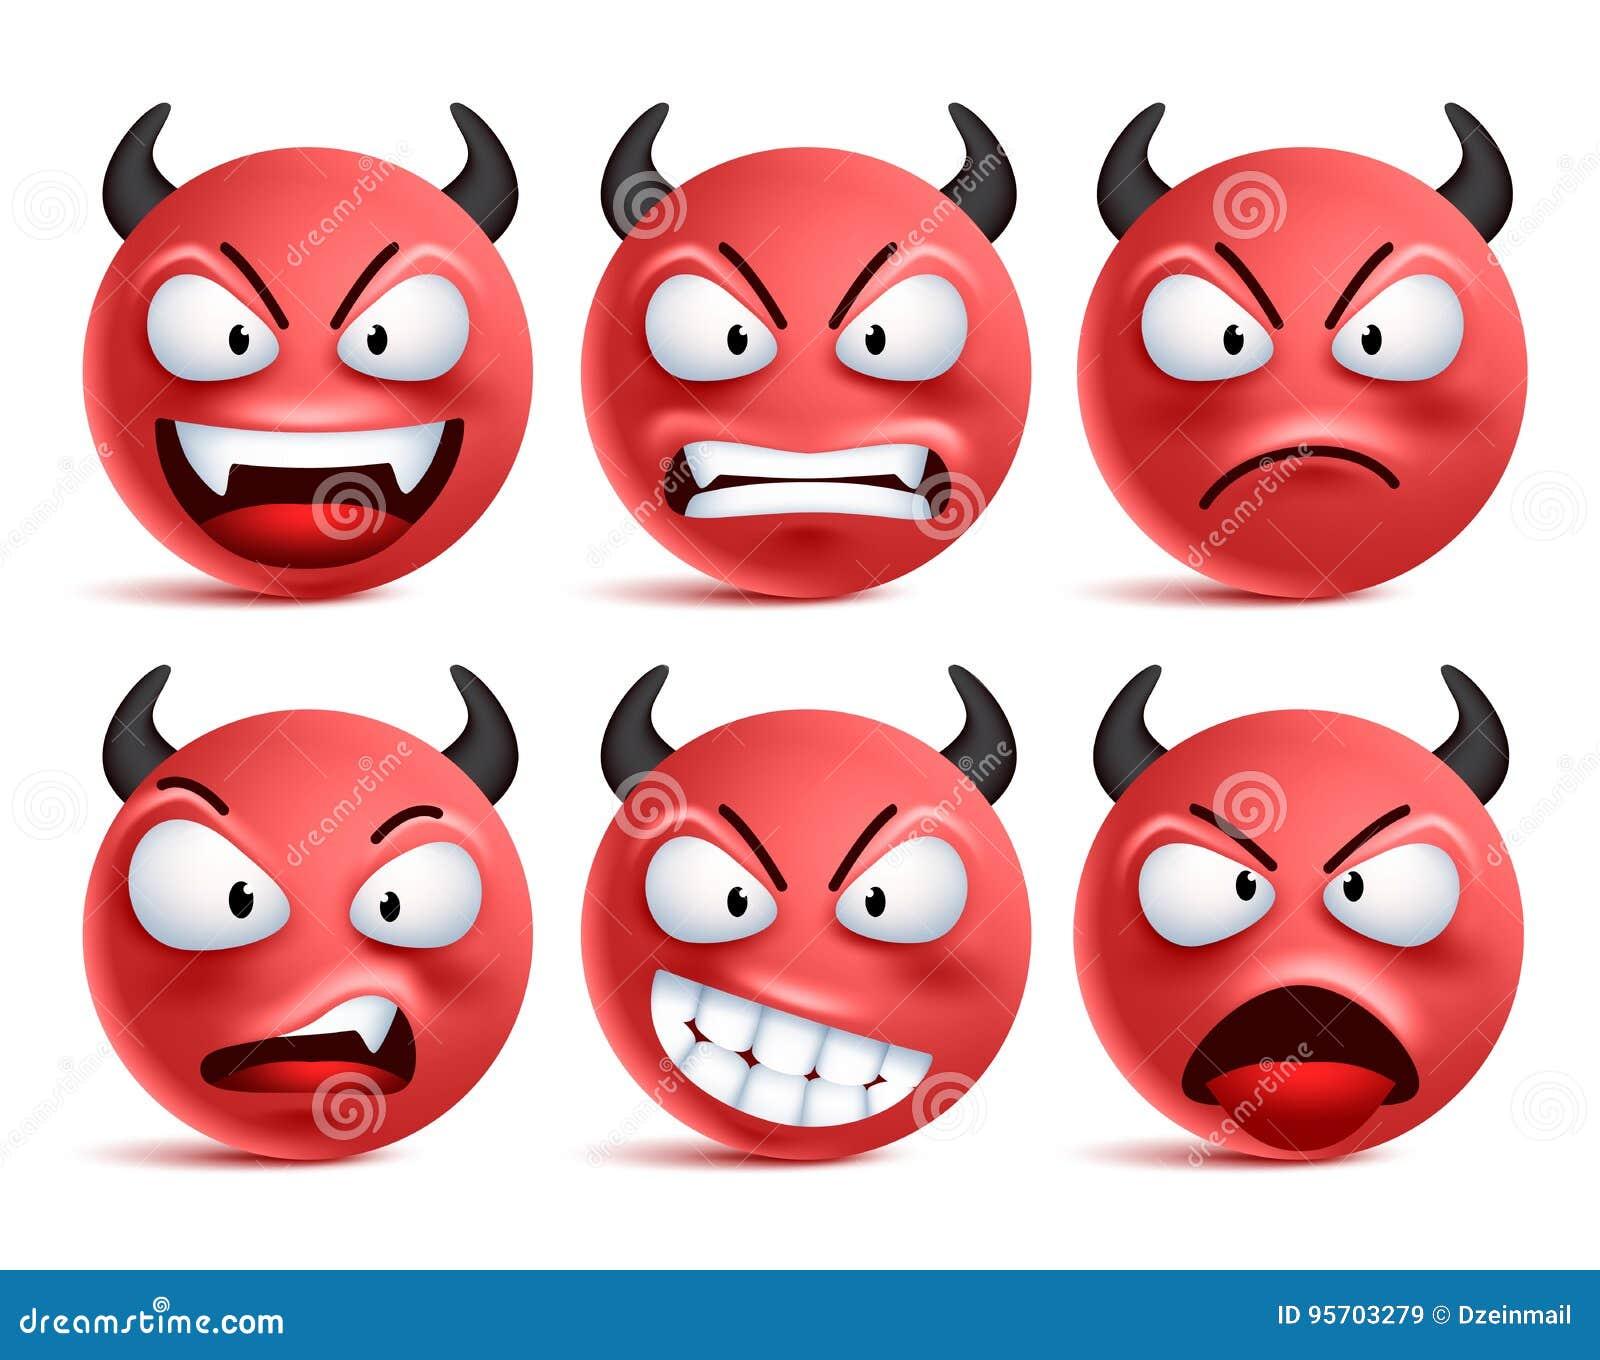 Demon smileys vectorreeks Het slechte gezicht van duivelssmiley of rode emoticons met gelaatsuitdrukkingen